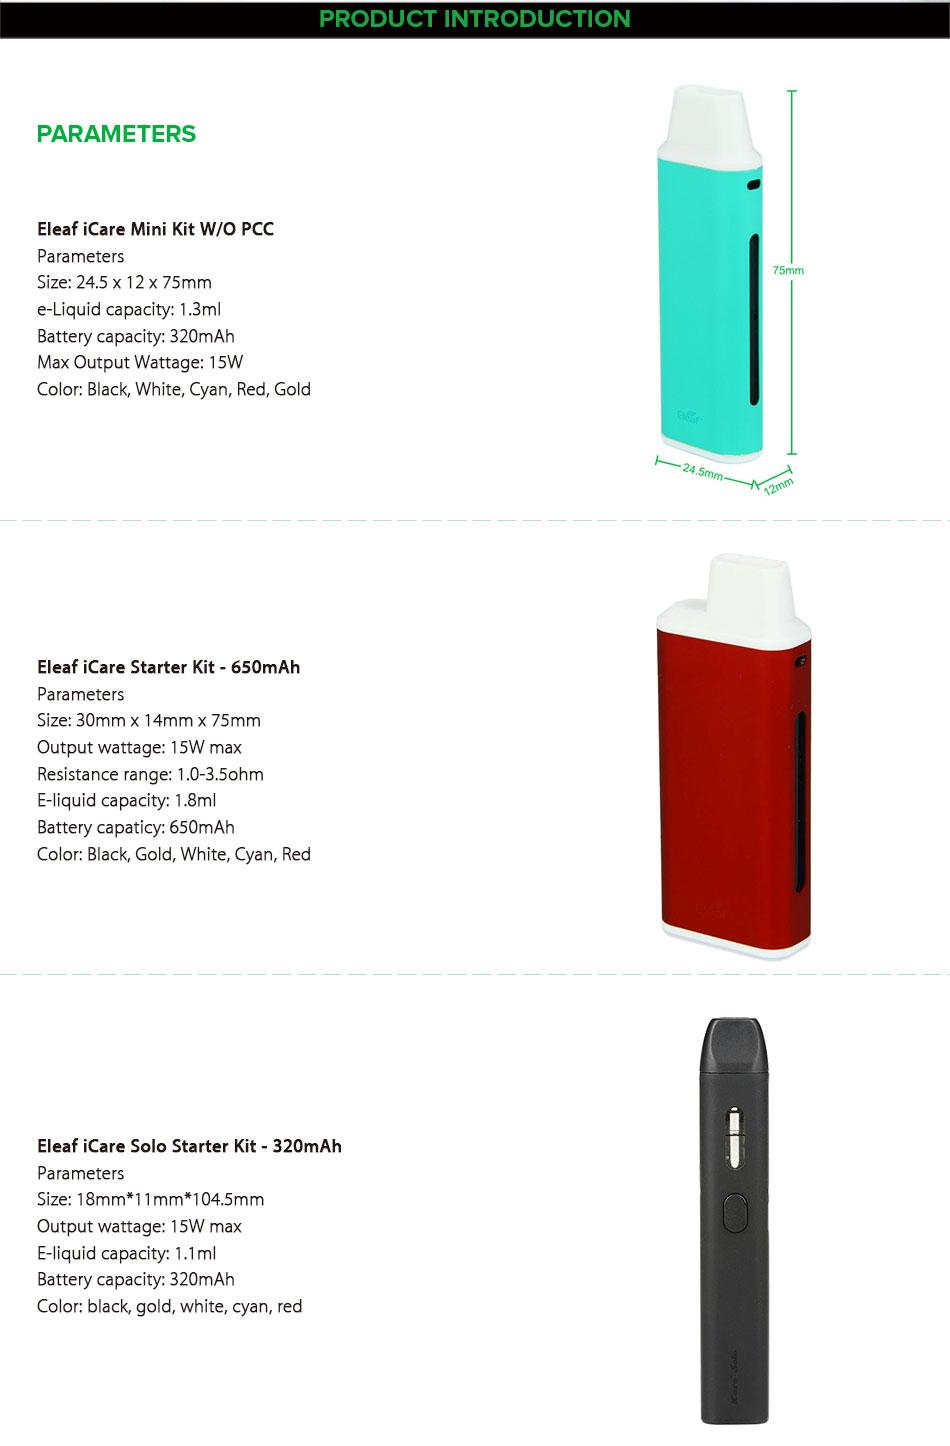 eleaf icare, eleaf icare mini , Eleaf iCare Solo Vaping Starter Kit